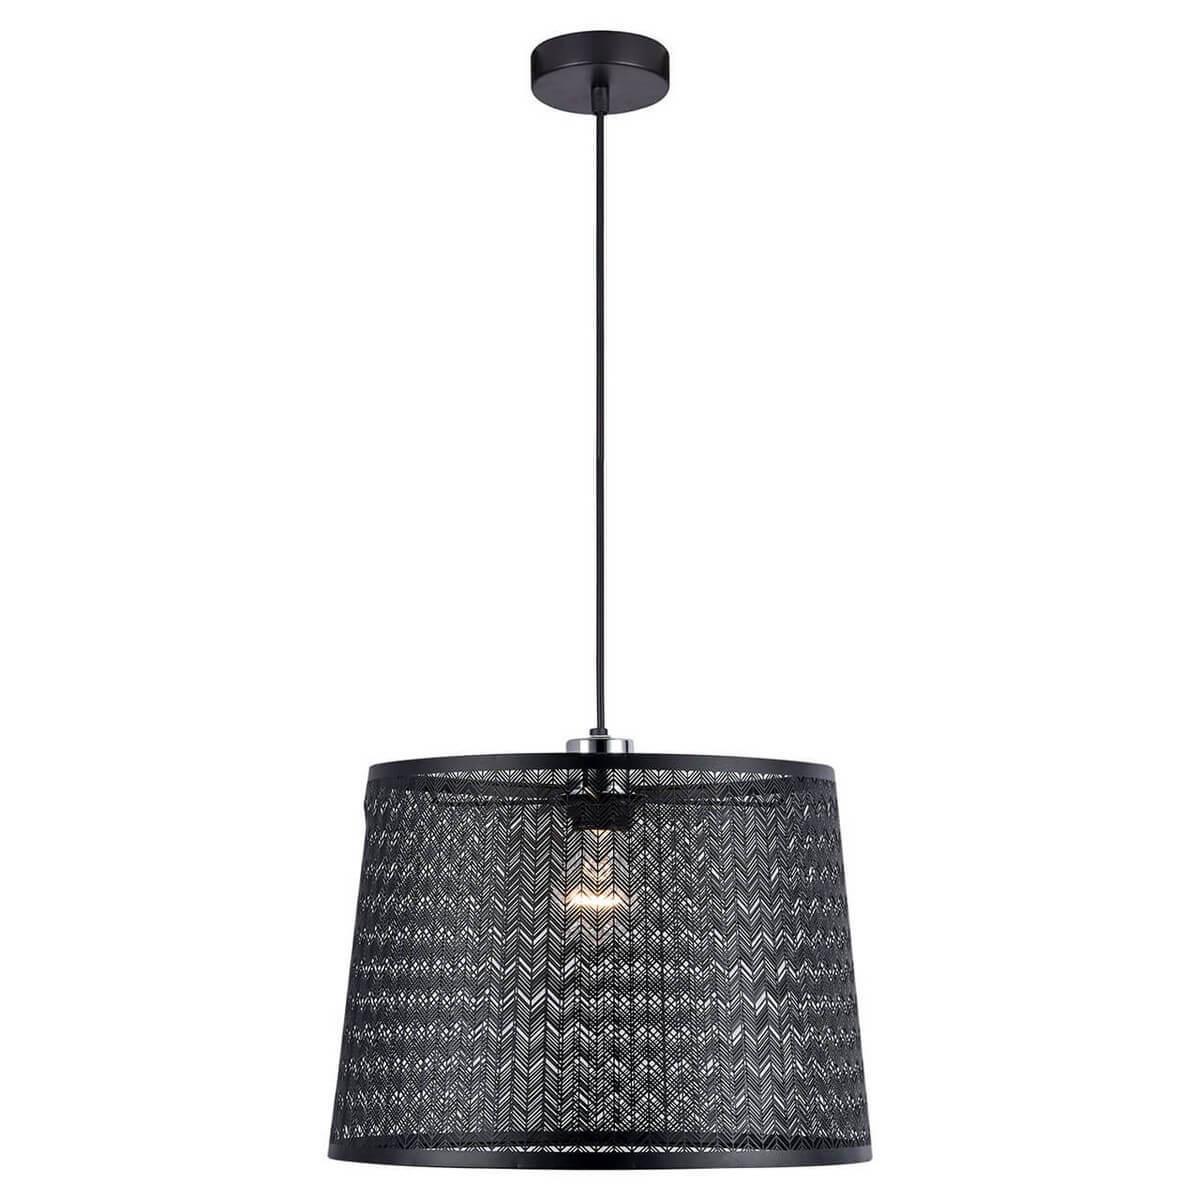 Подвесной светильник Lussole GRLSP-9962, E27, 11 Вт подвесной светильник lussole grlsp 9945 белый